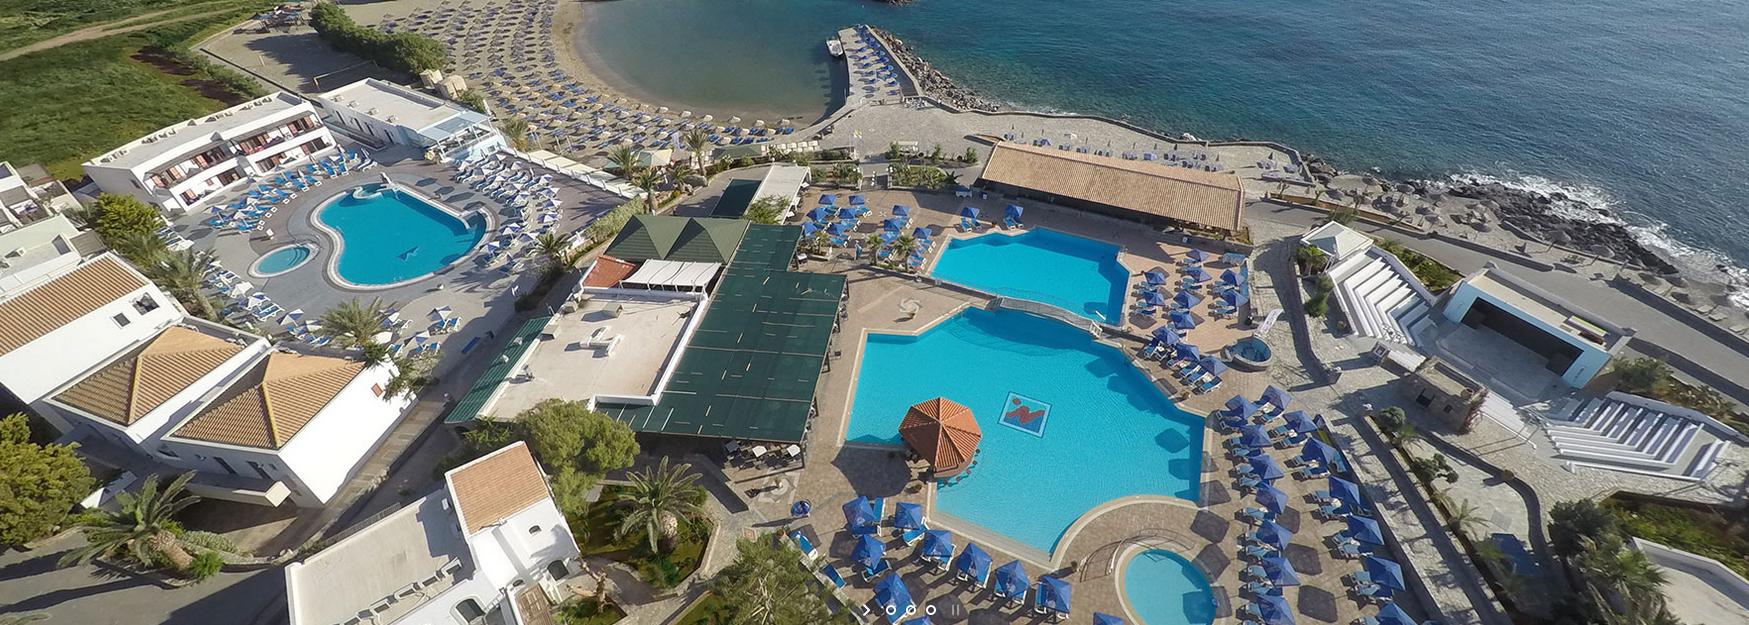 http://karamanis.gr/wp-content/uploads/2016/08/nana-beach.png